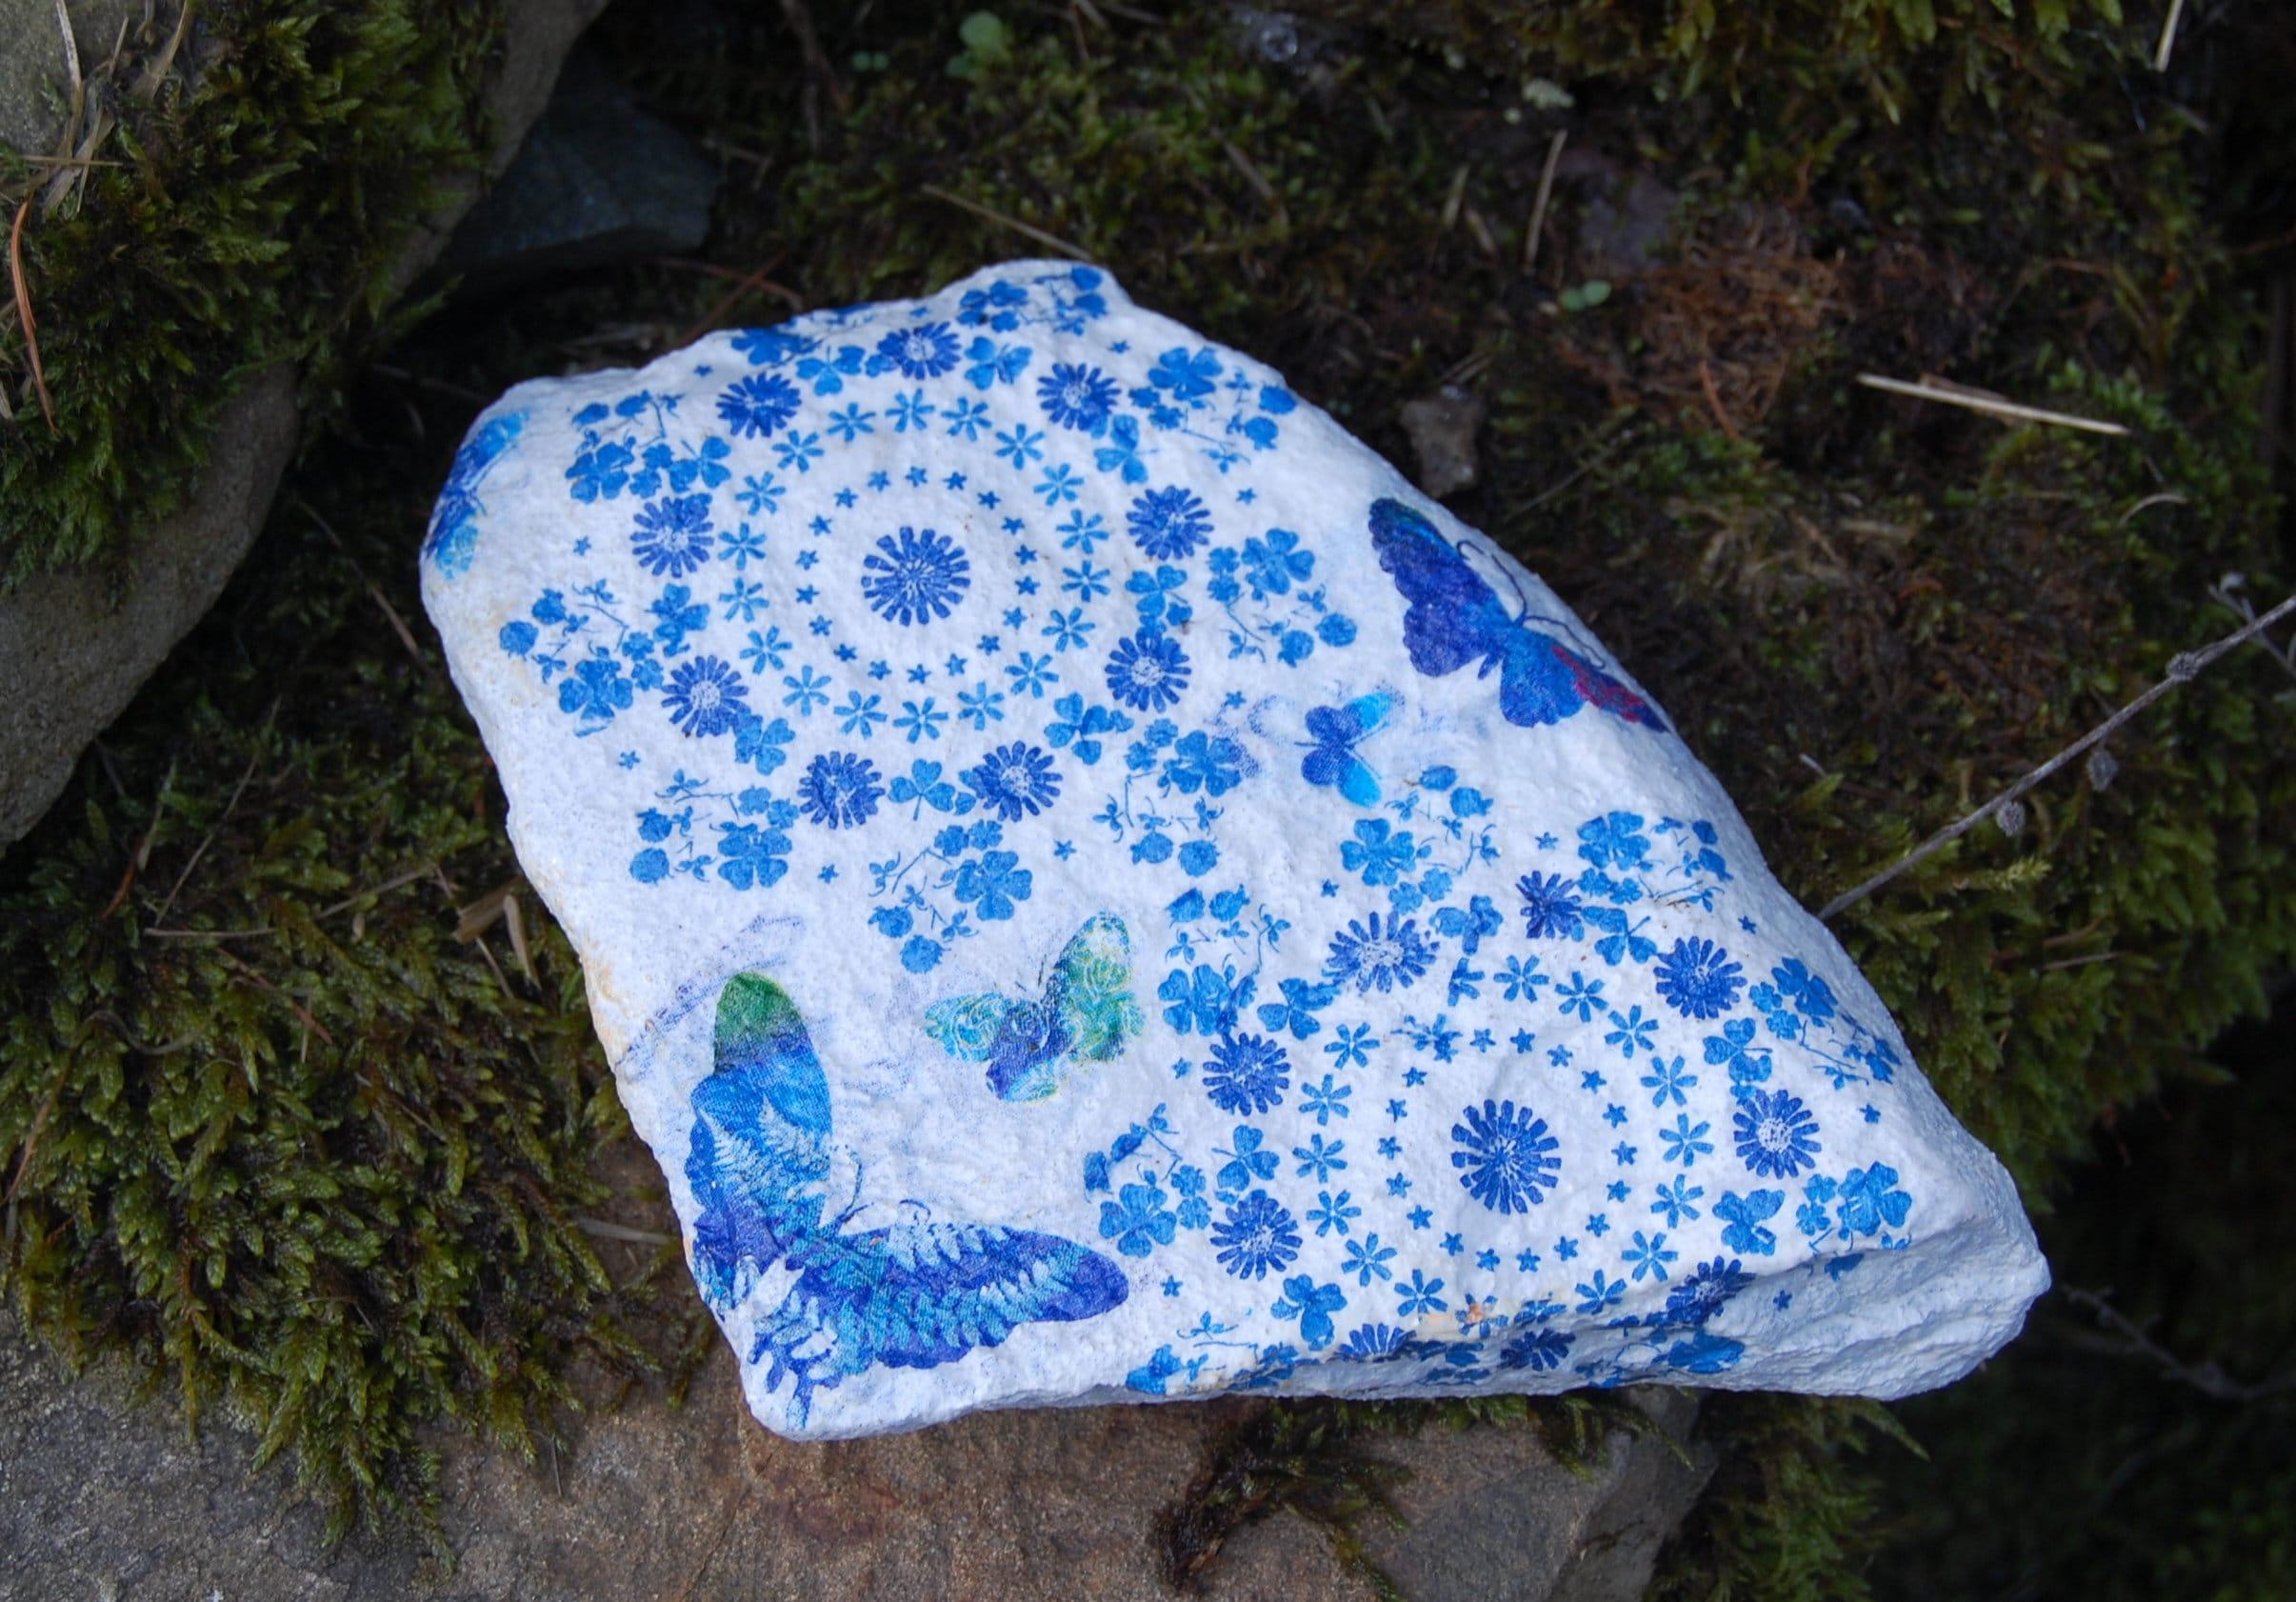 Blue Flowers Butterfly Floral Garden Art Garden Stone